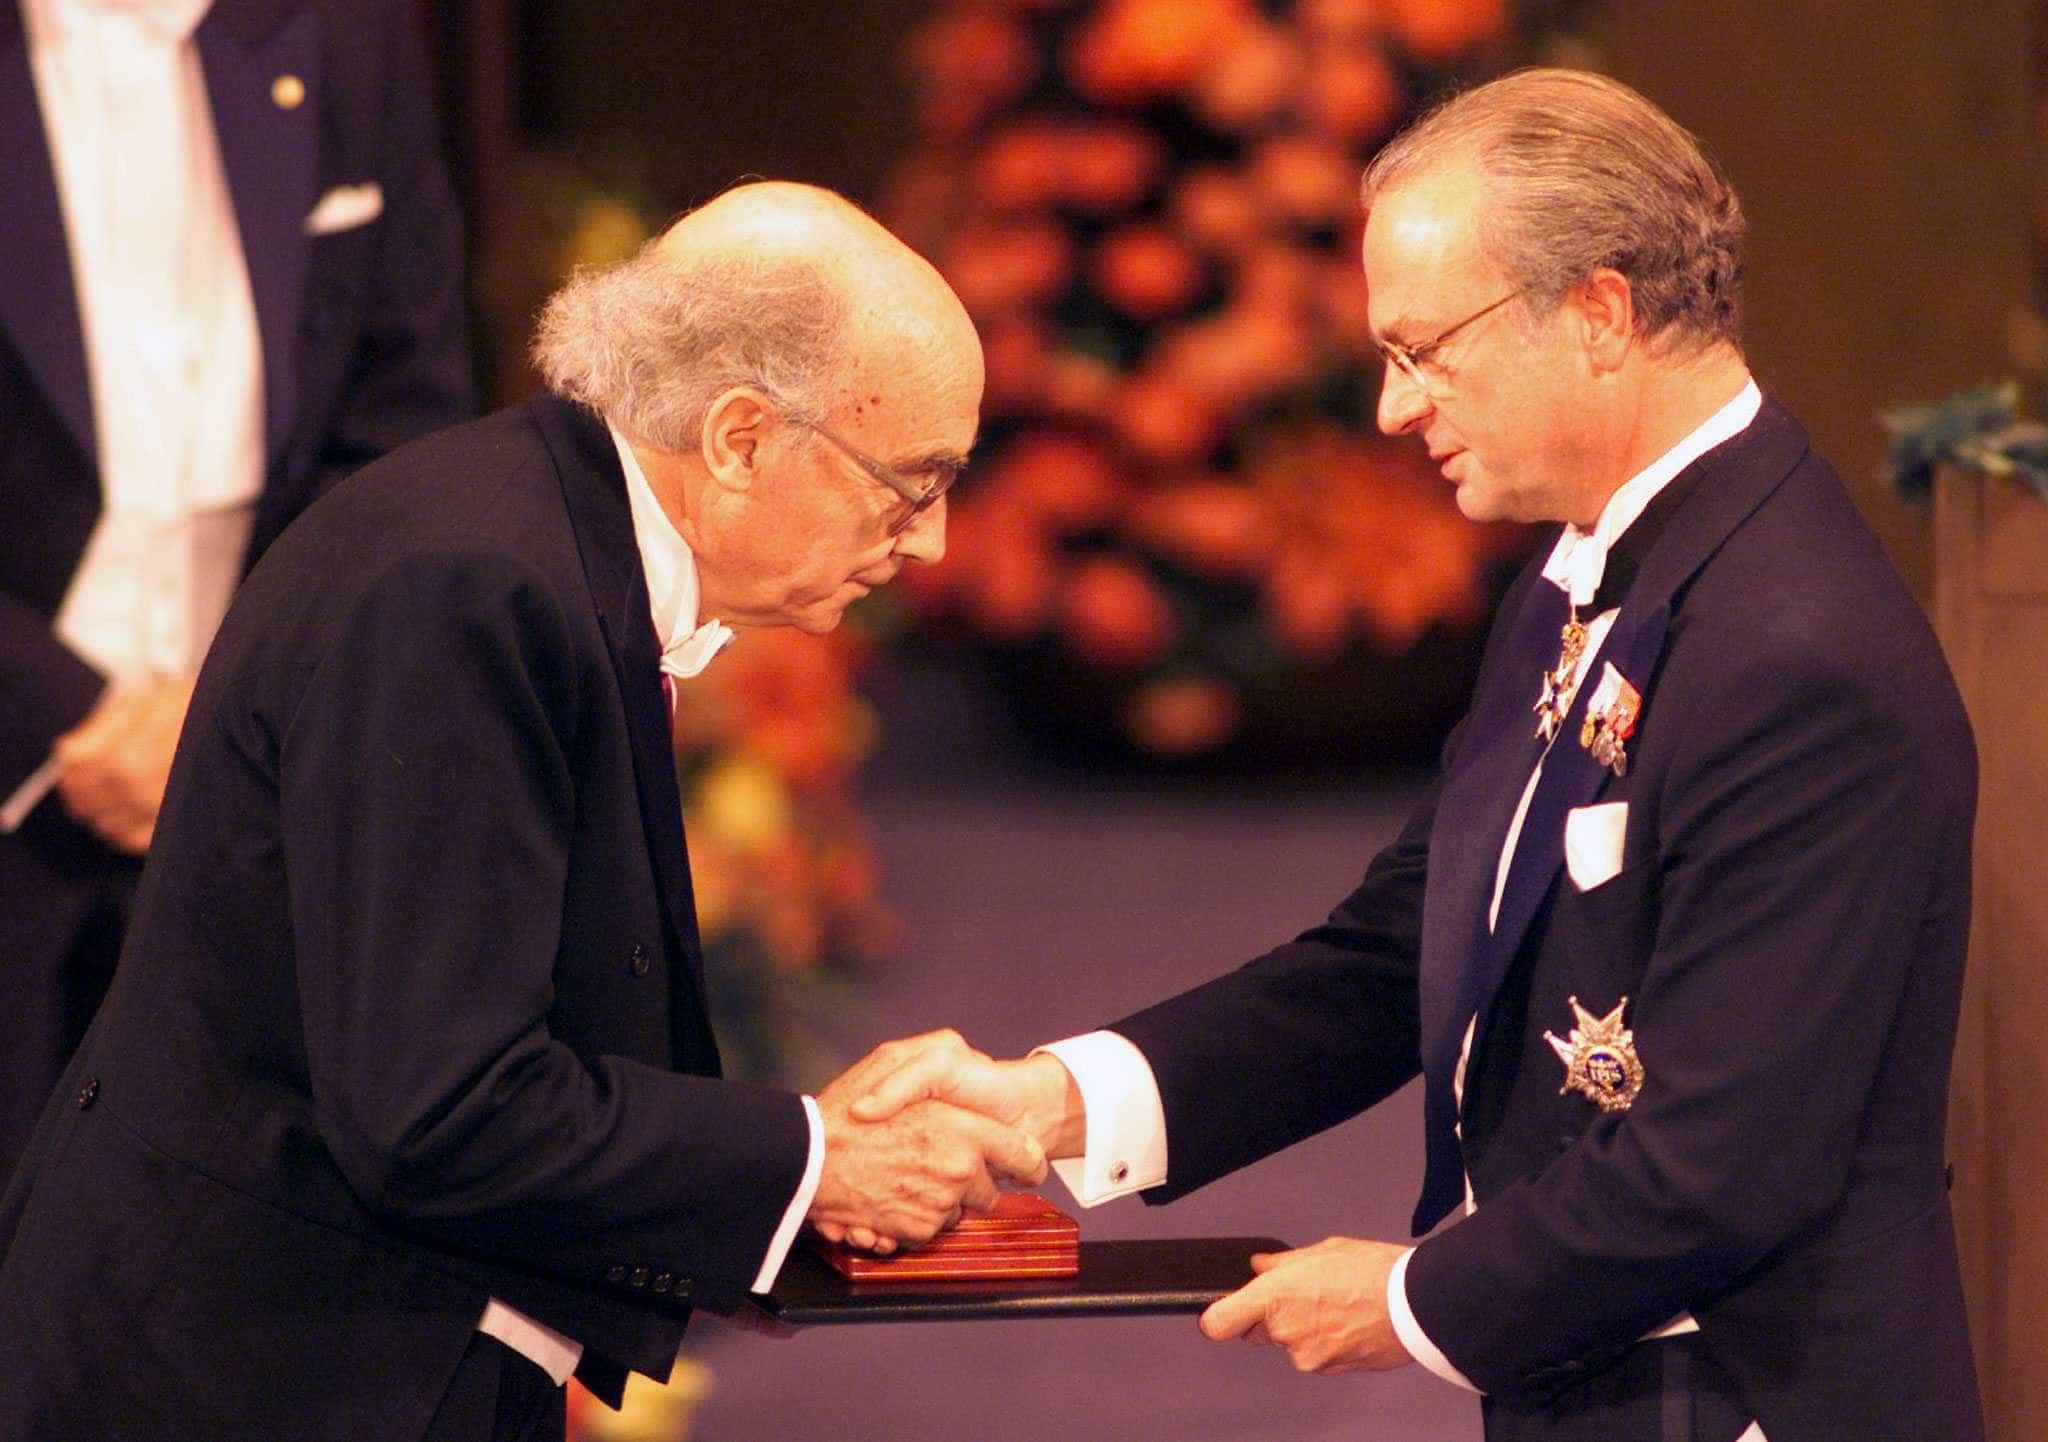 Biblioteca de Odemira assinala 20 anos da atribuição do Nobel a Saramago